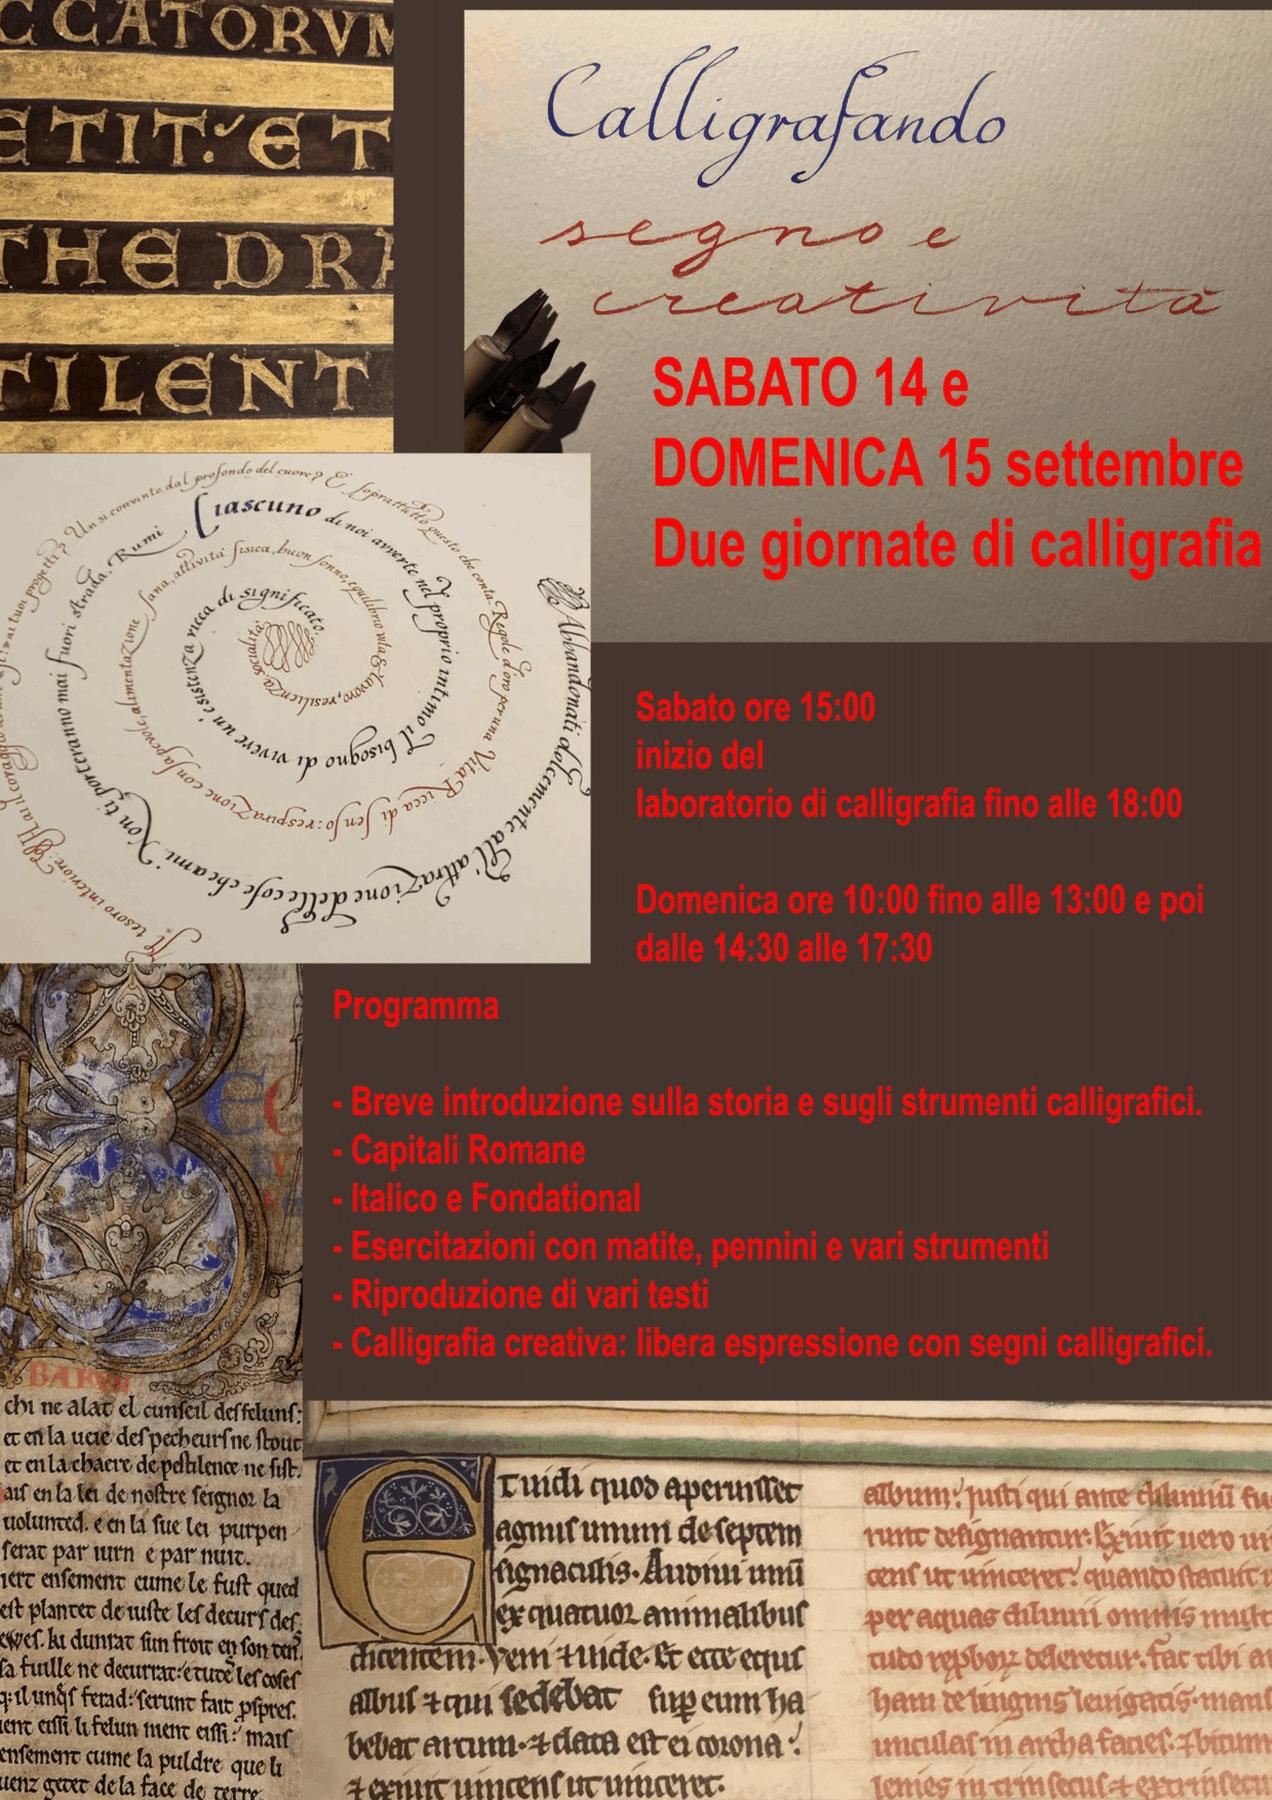 CALLIGRAFANDO segno e creatività Anita Cerpelloni